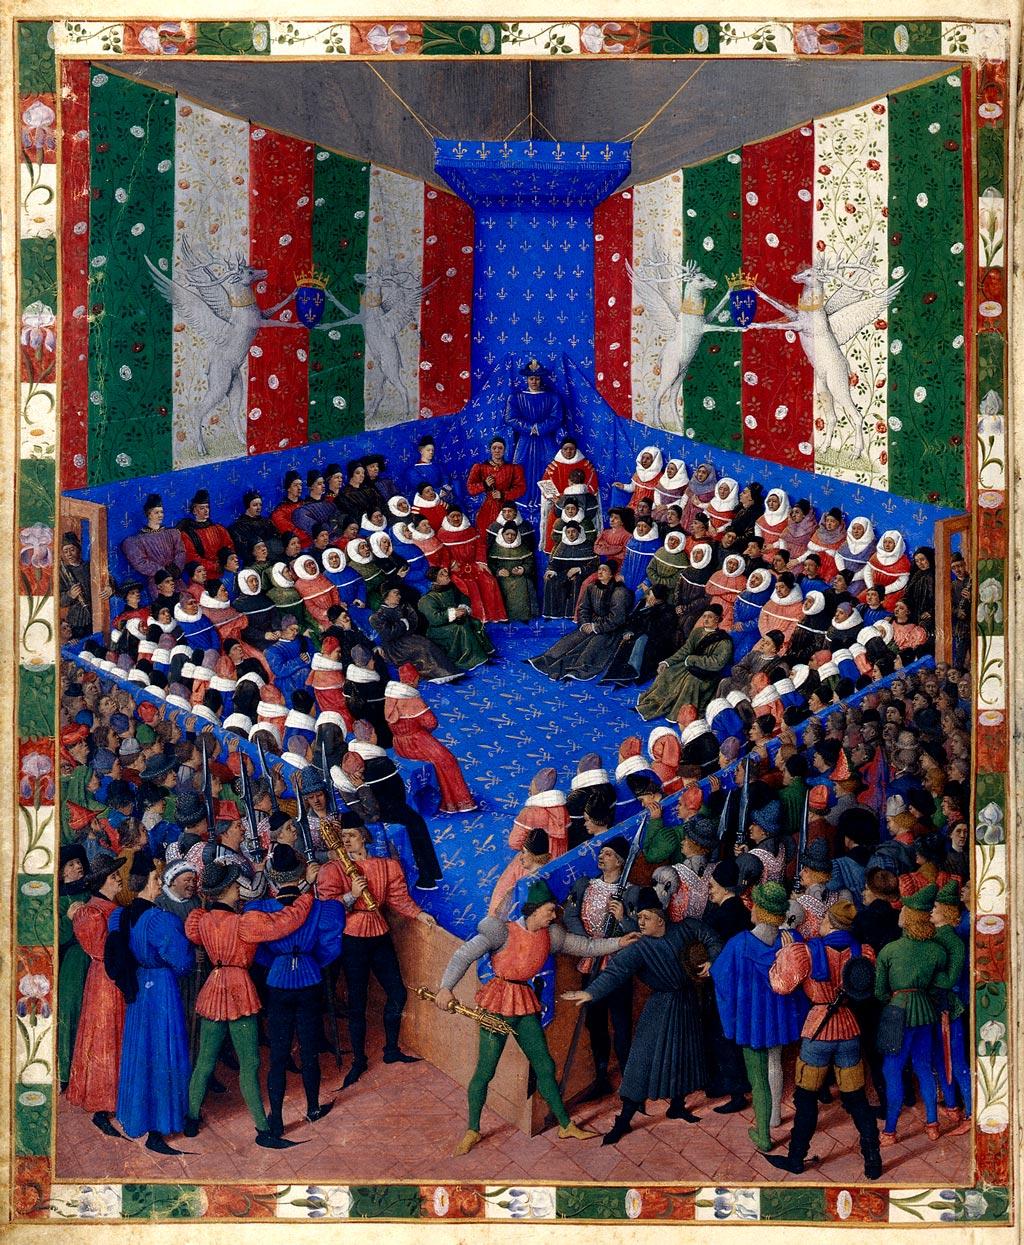 Jean Fouquet, Lit de  justice du roi Charles VII au parlement de Paris, en 1450,Boccace de Munich  Source: Lien